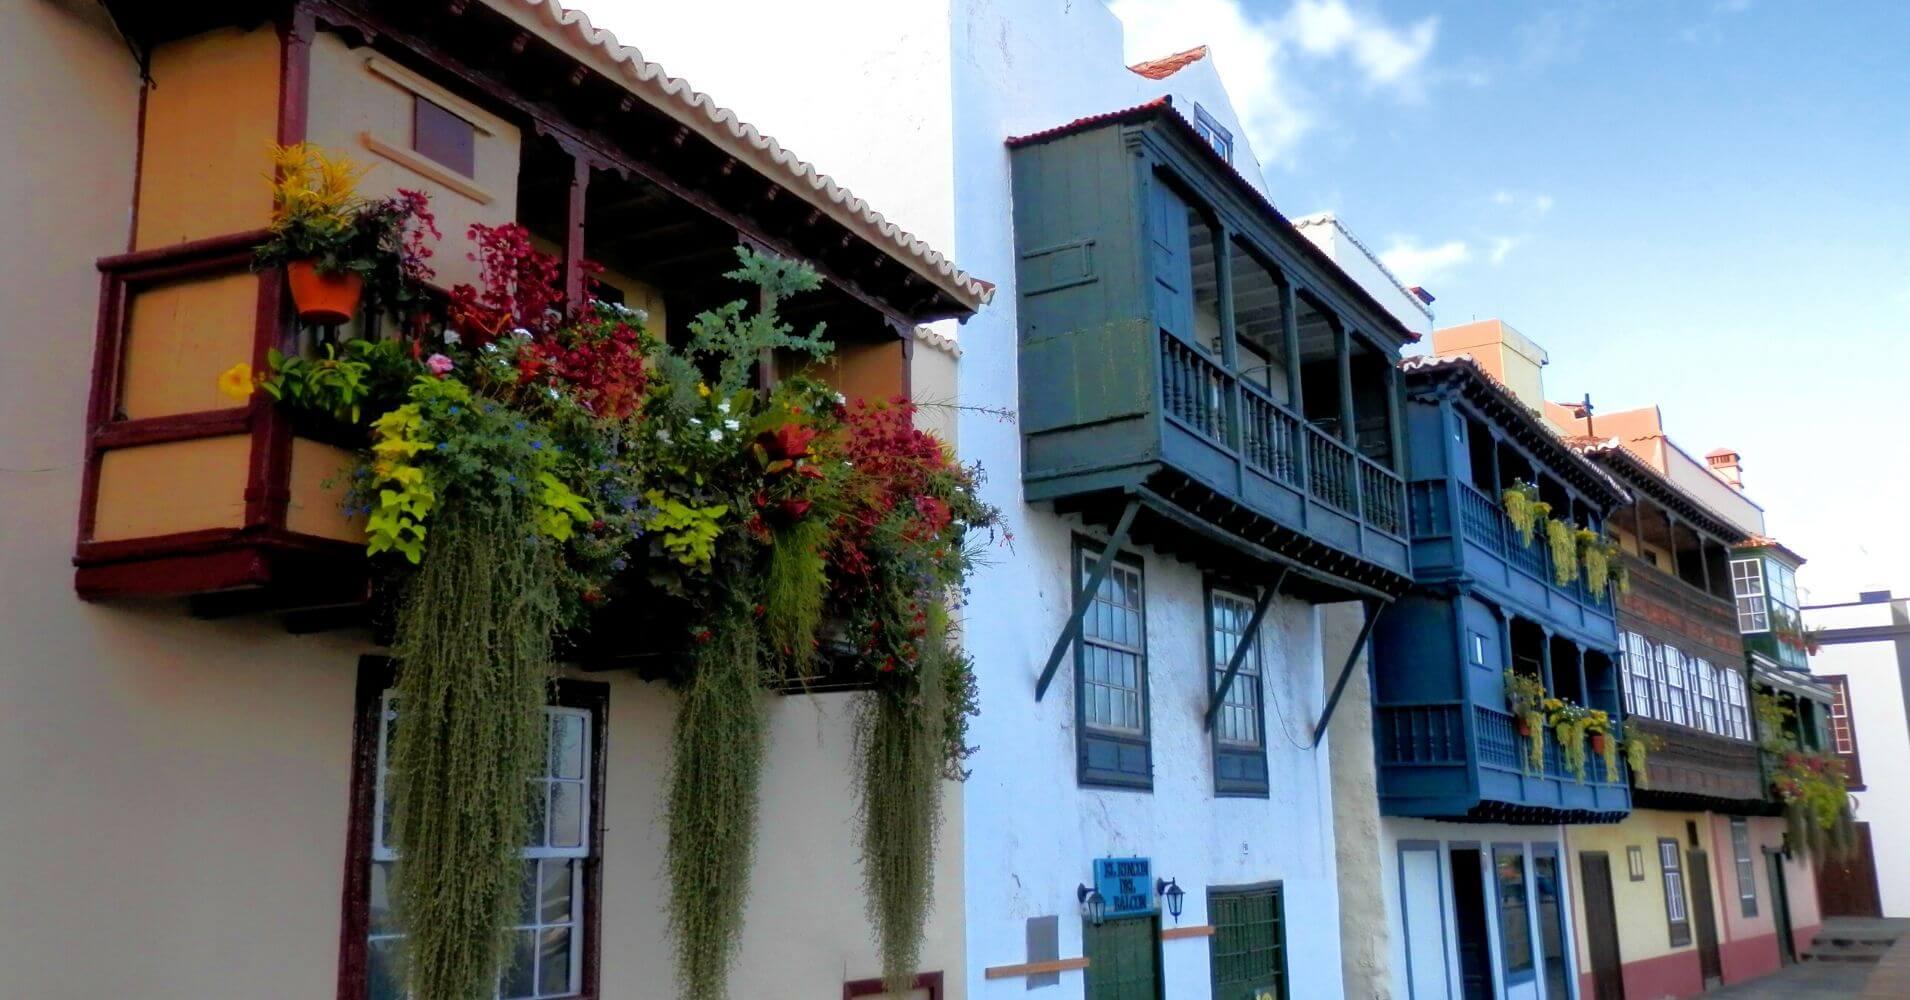 Viajar a España, Balcones típicos de Santa Cruz de La Palma. Islas Canarias.